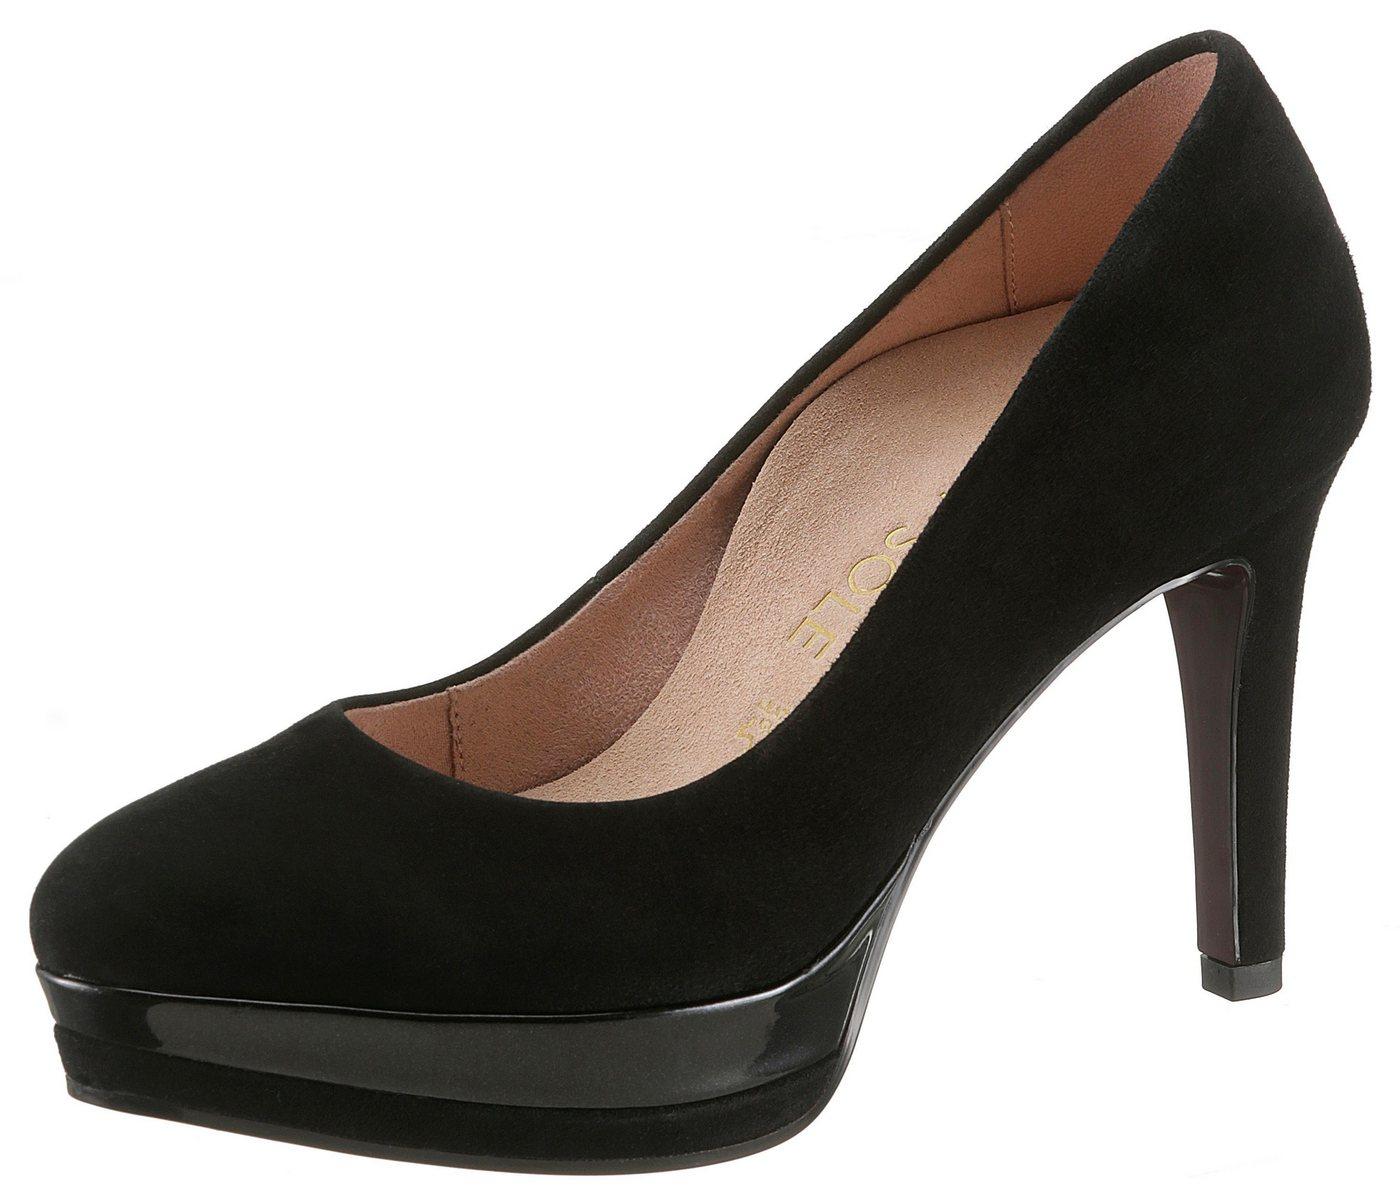 Tamaris »Heart & Sole« High-Heel-Pumps mit herausnehmbarer Lederdecksohle | Schuhe > High Heels | Schwarz | Tamaris